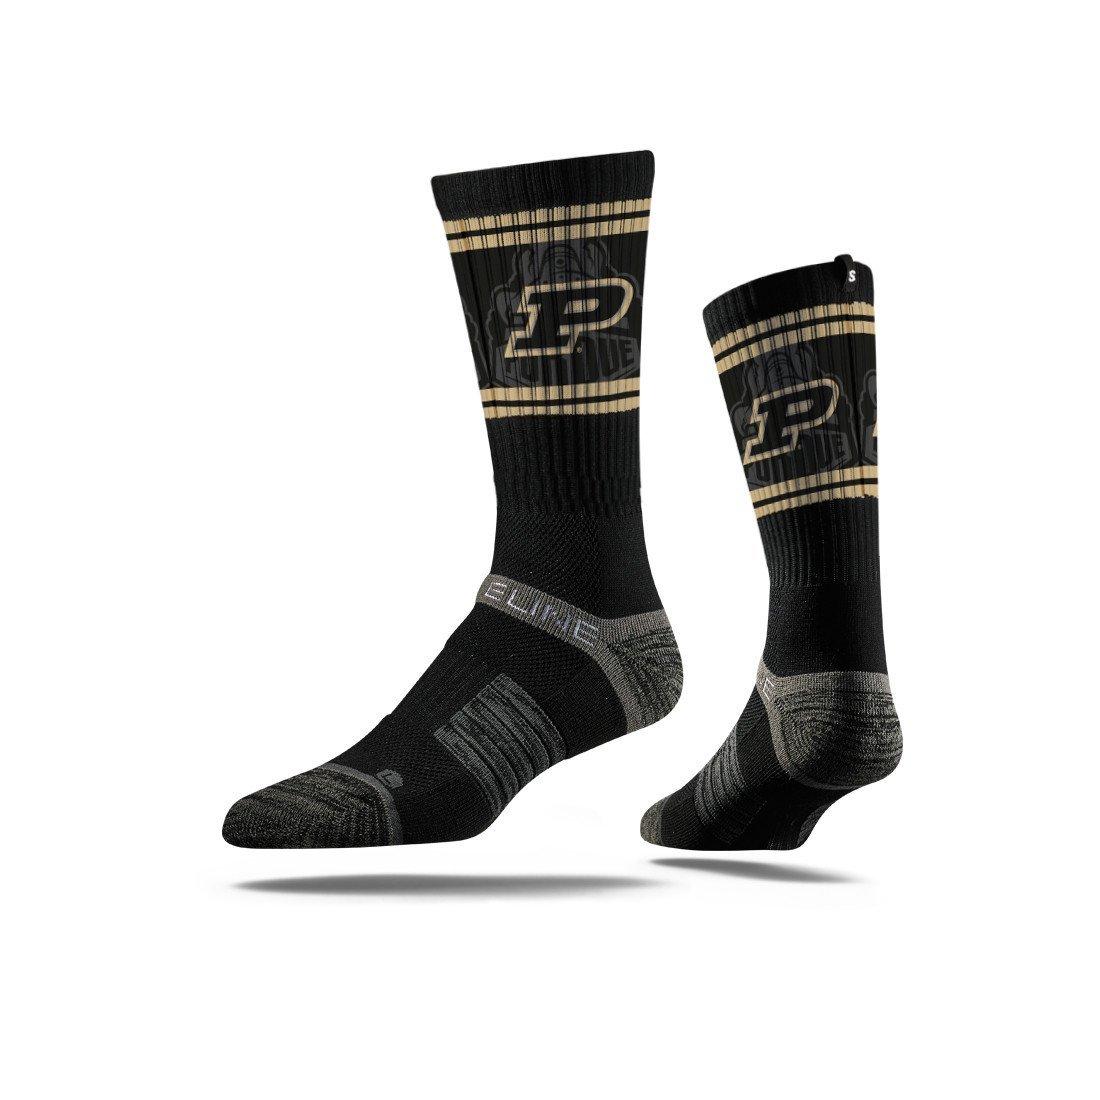 Purdue University Purdue University Boilermakers Socks Strideline Black